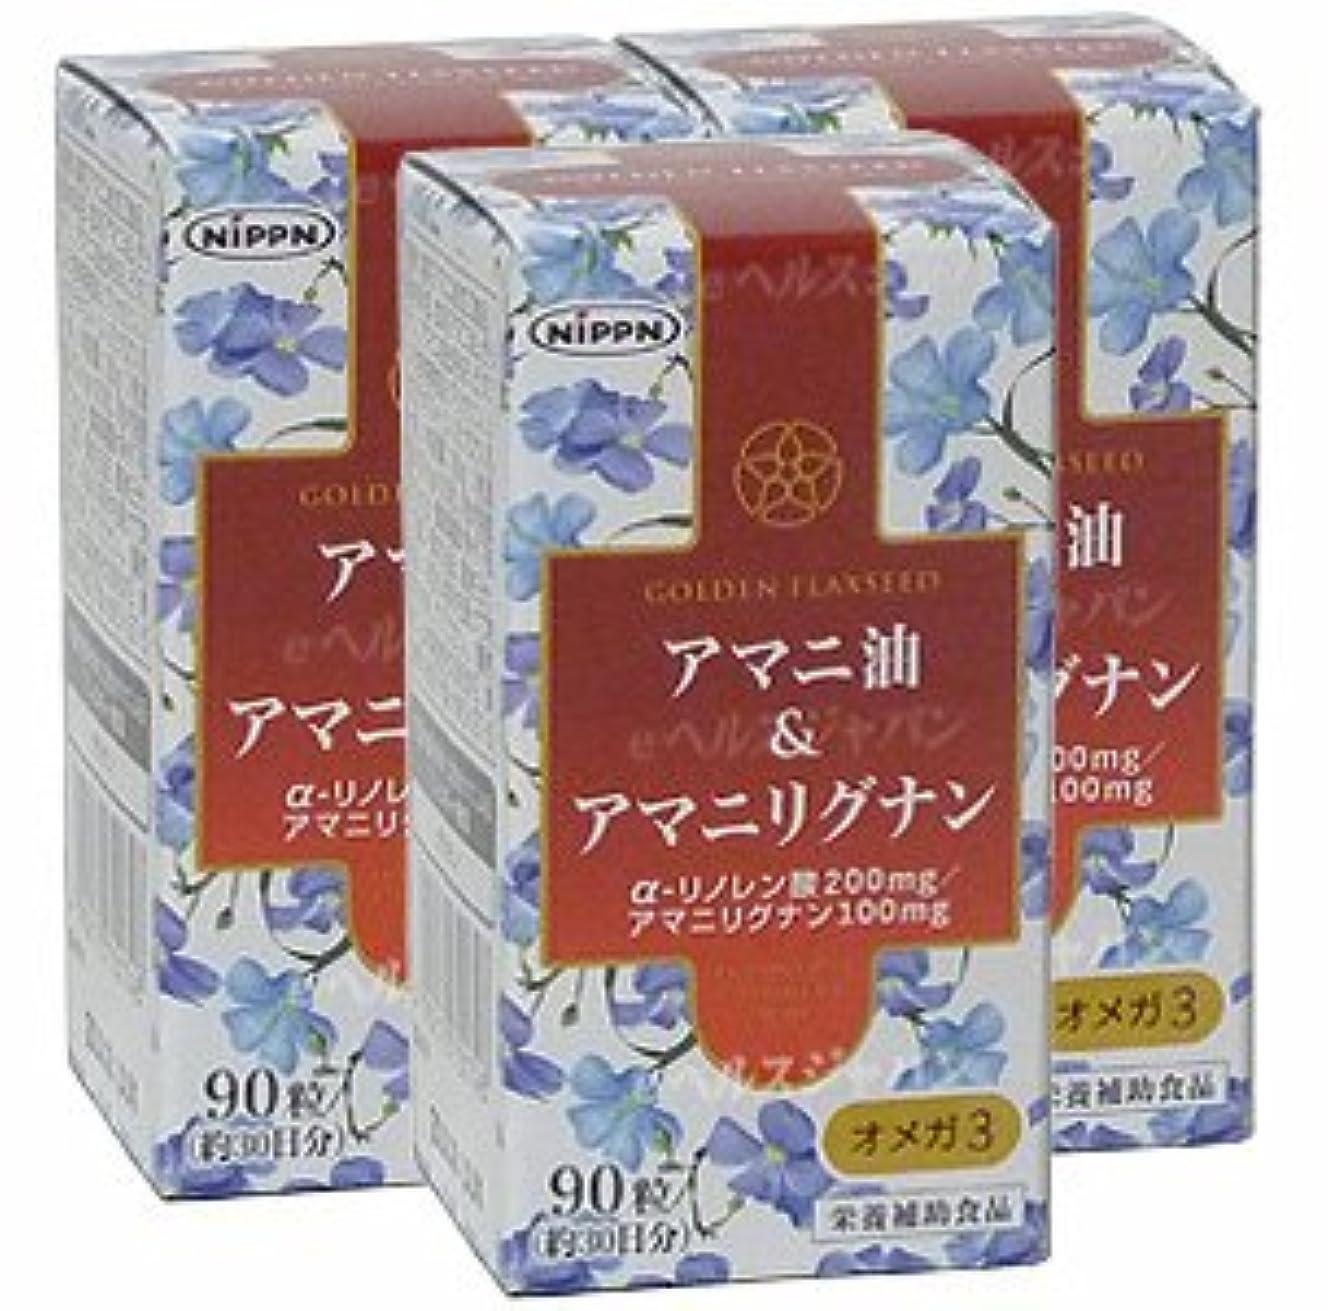 支出マイルストーン偽アマニ油&アマニリグナン【3本セット】日本製粉